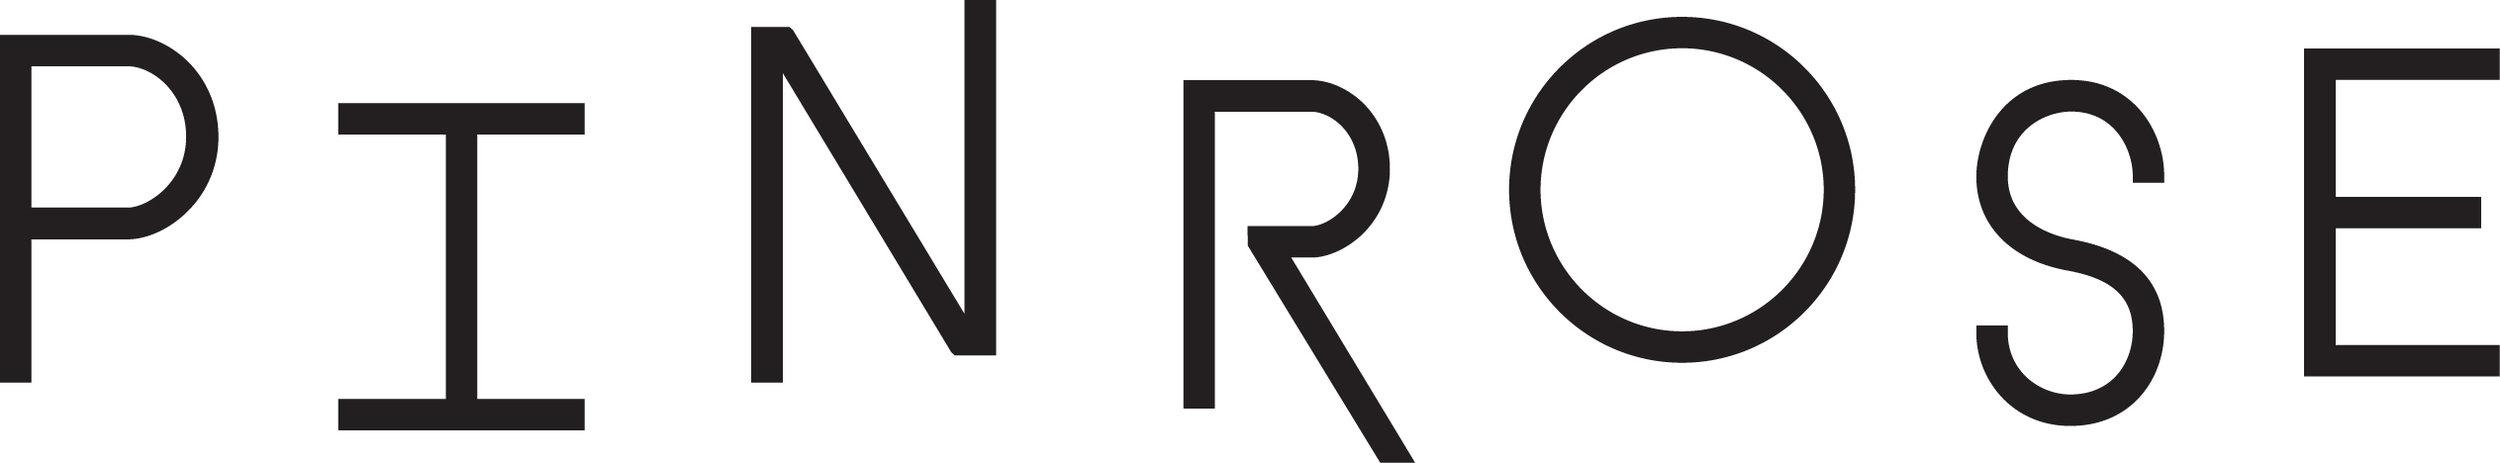 PIN001.logo_